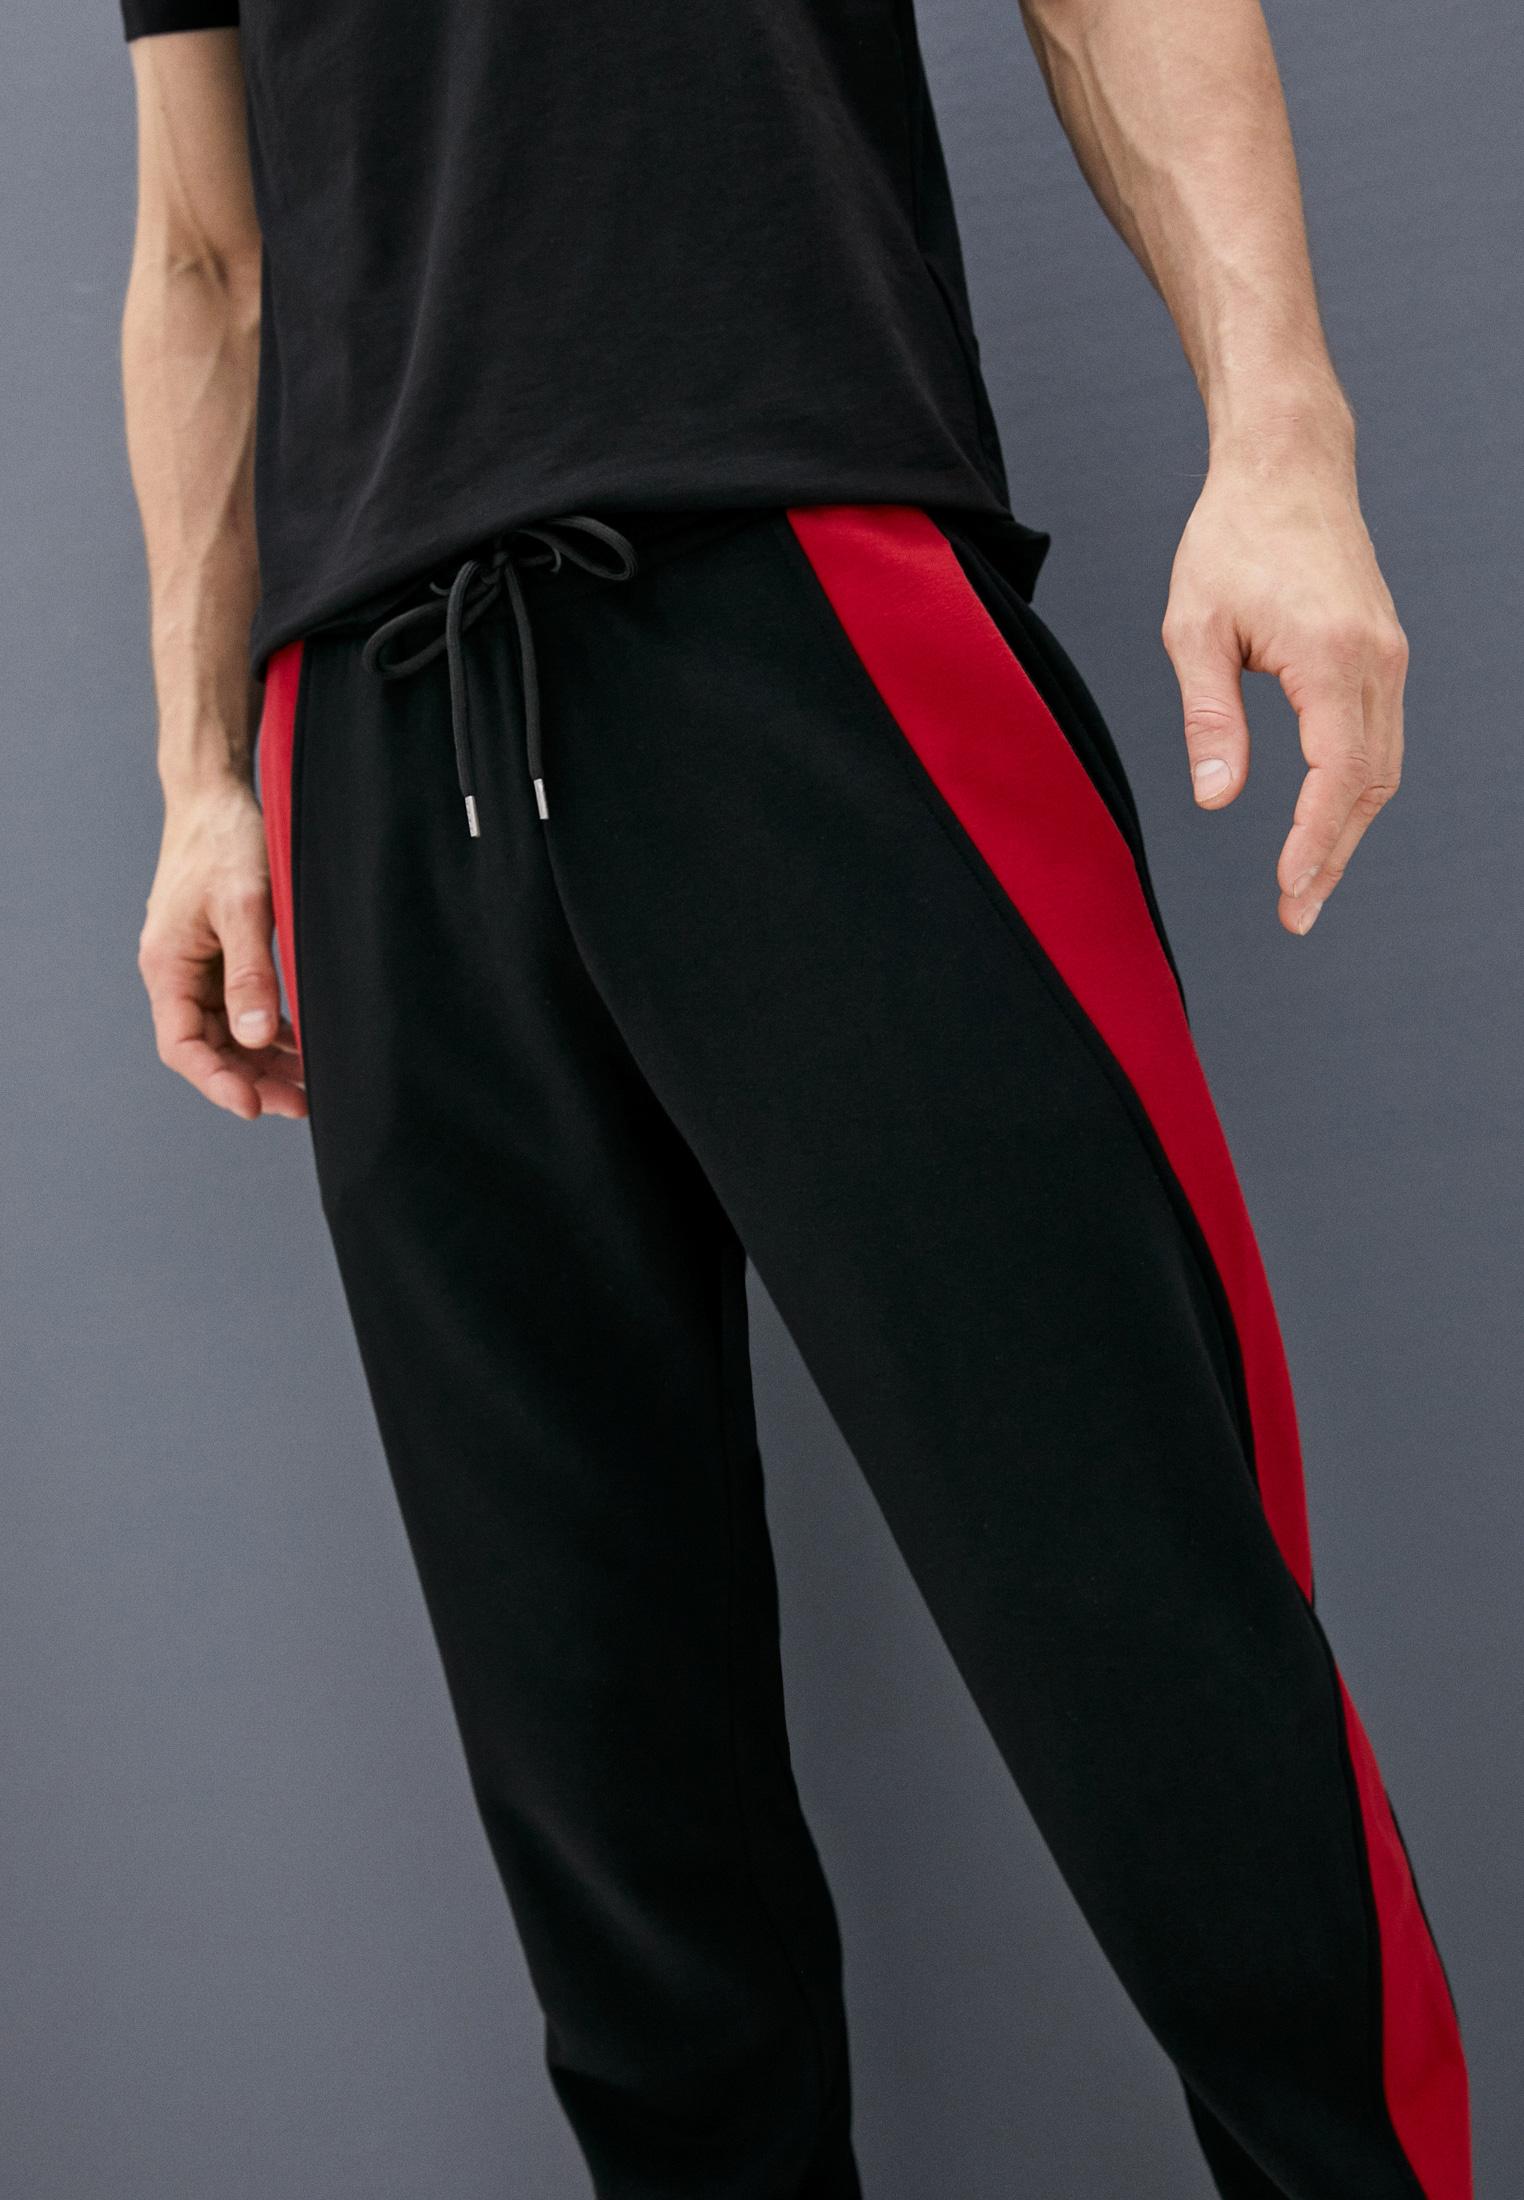 Мужские спортивные брюки Bikkembergs (Биккембергс) C 1 153 00 M 4225: изображение 2